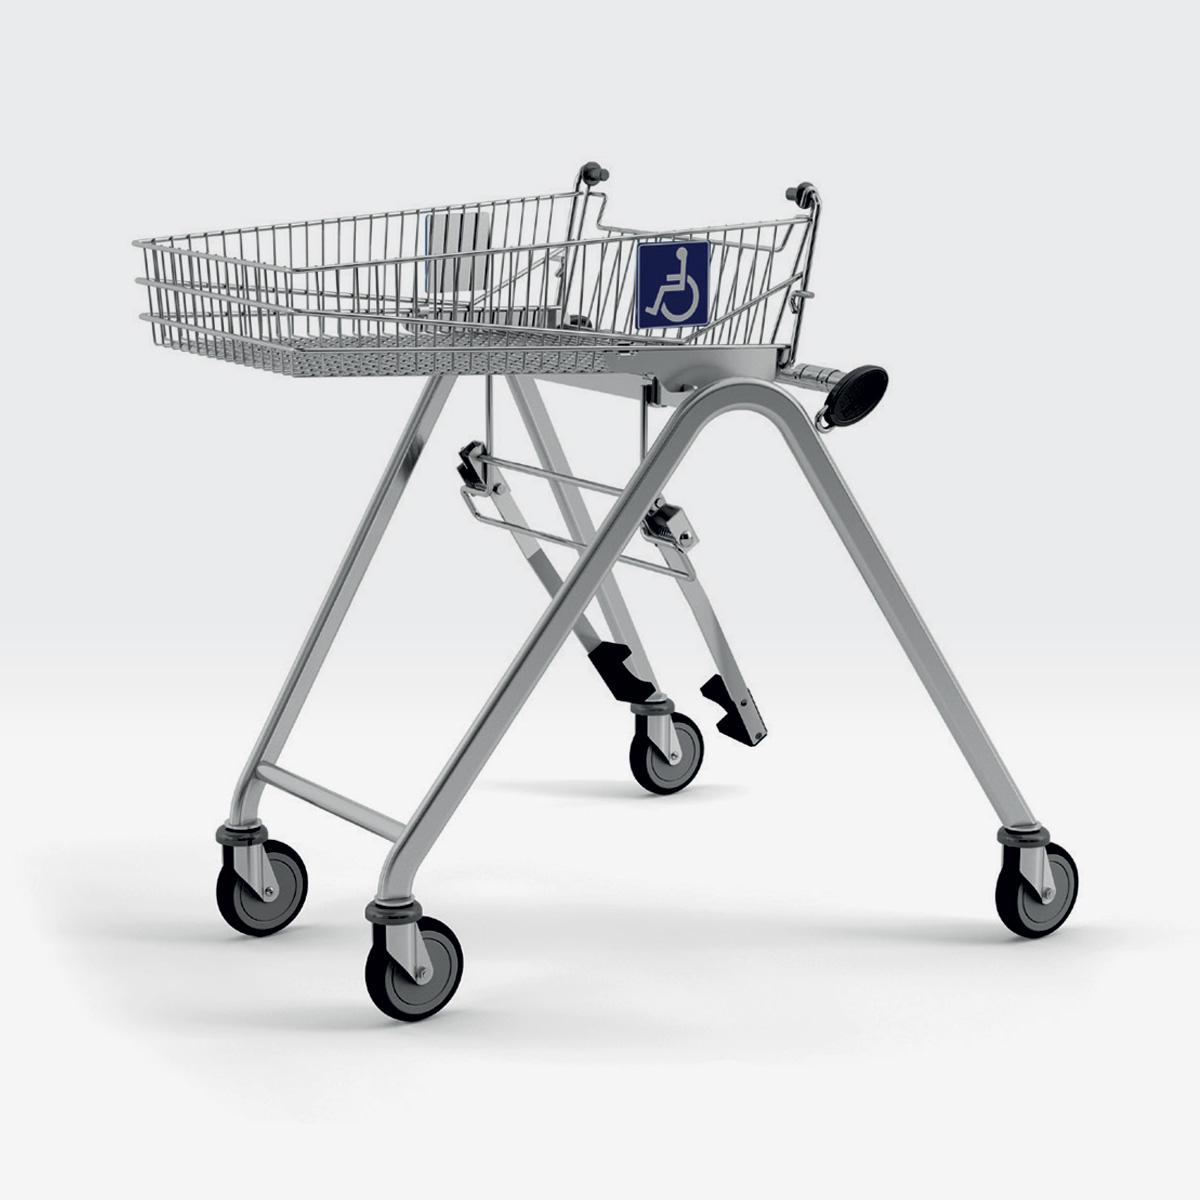 Carrello per disabili WTN-1 01